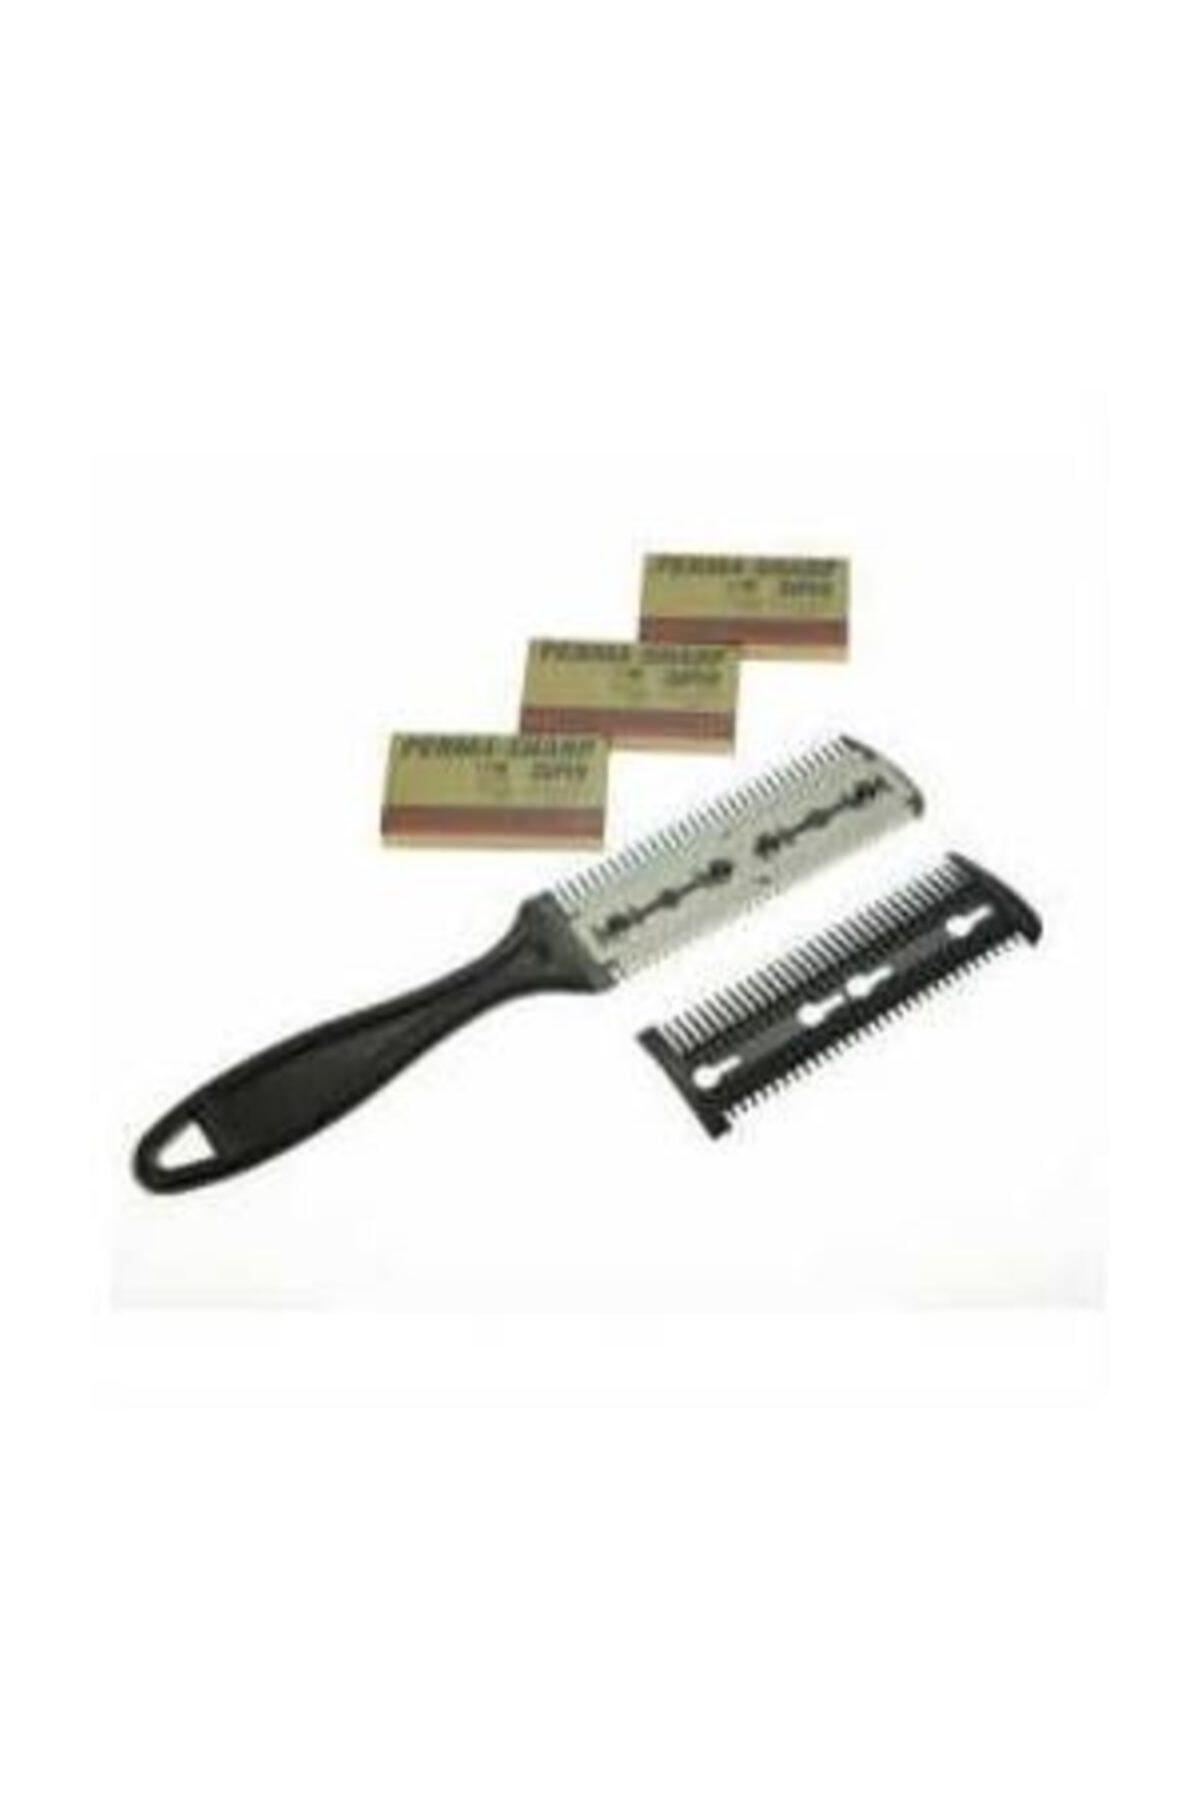 Accessorize Jiletli Tarak Saç Usturası Hac Usturası 15 Adet Perma Sharp Yapra 1